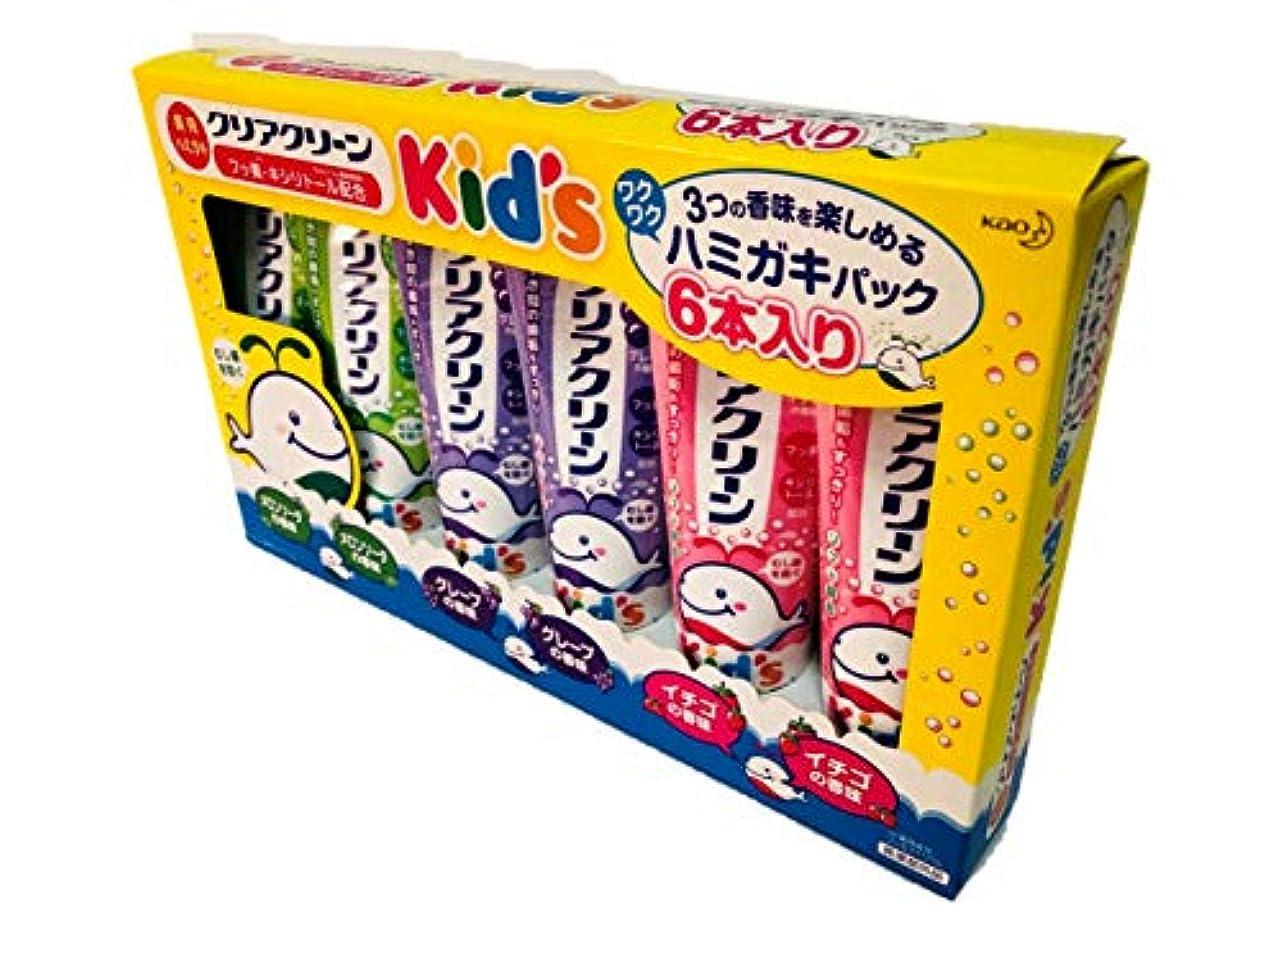 供給編集者クリアクリーン Kids ハミガキ 6本入りパック (メロンソーダ?グレープ?イチゴ)70g×6本 薬用ハミガキ